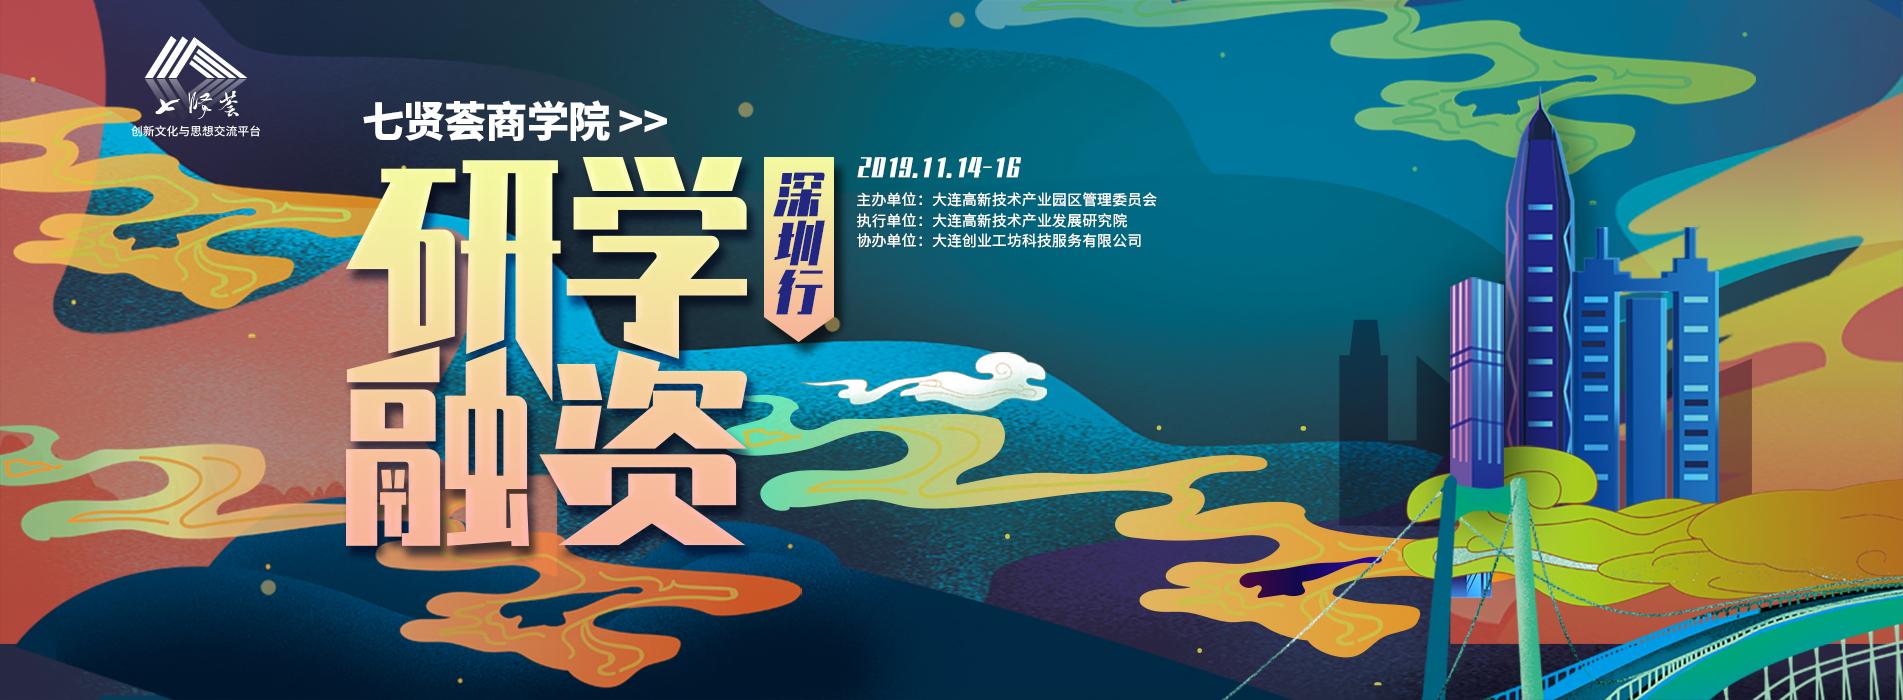 研学融资-深圳站 - 专题活动 - 创业活动 - 创业工坊